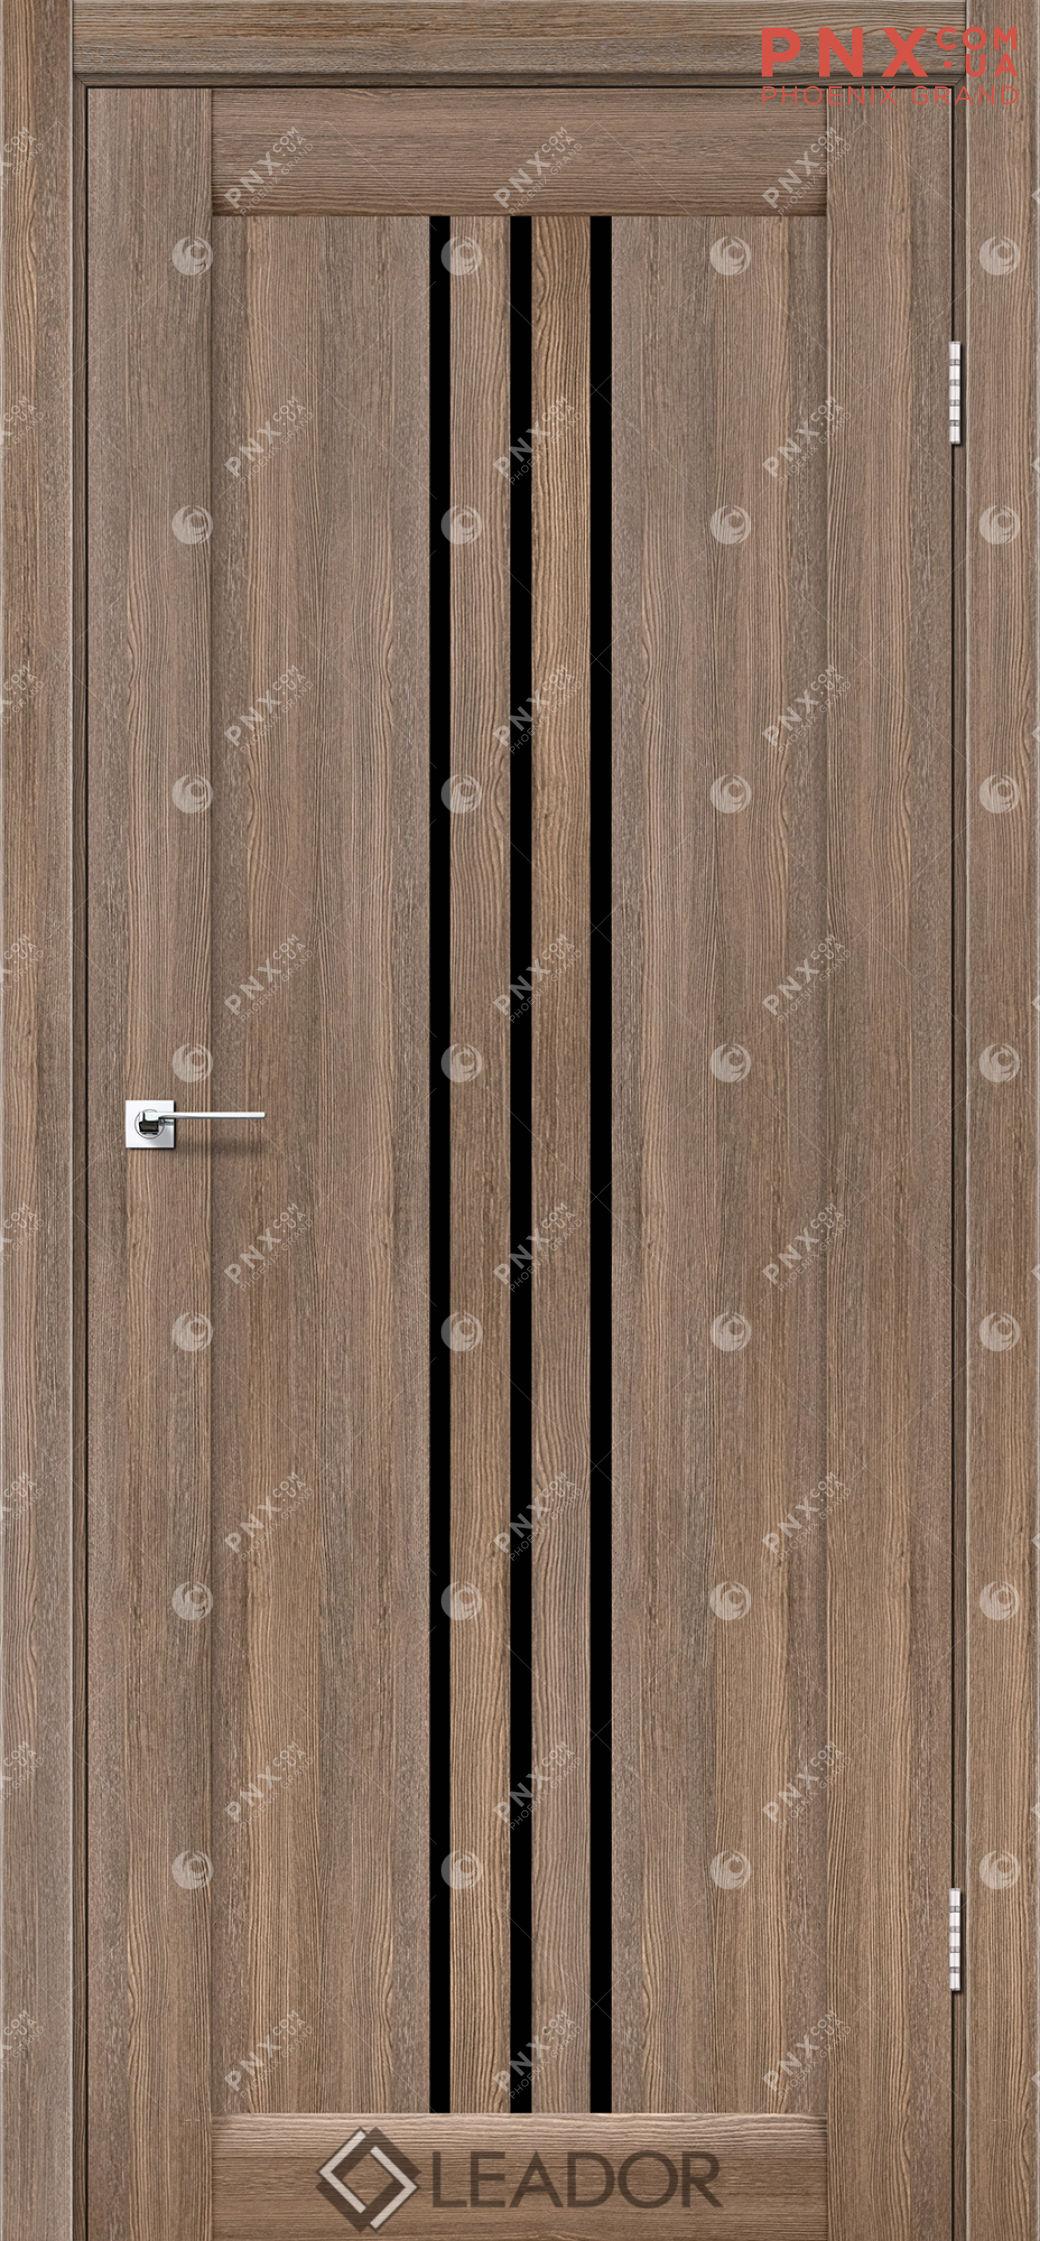 Межкомнатная дверь LEADOR Verona, Серое дерево, Черное стекло